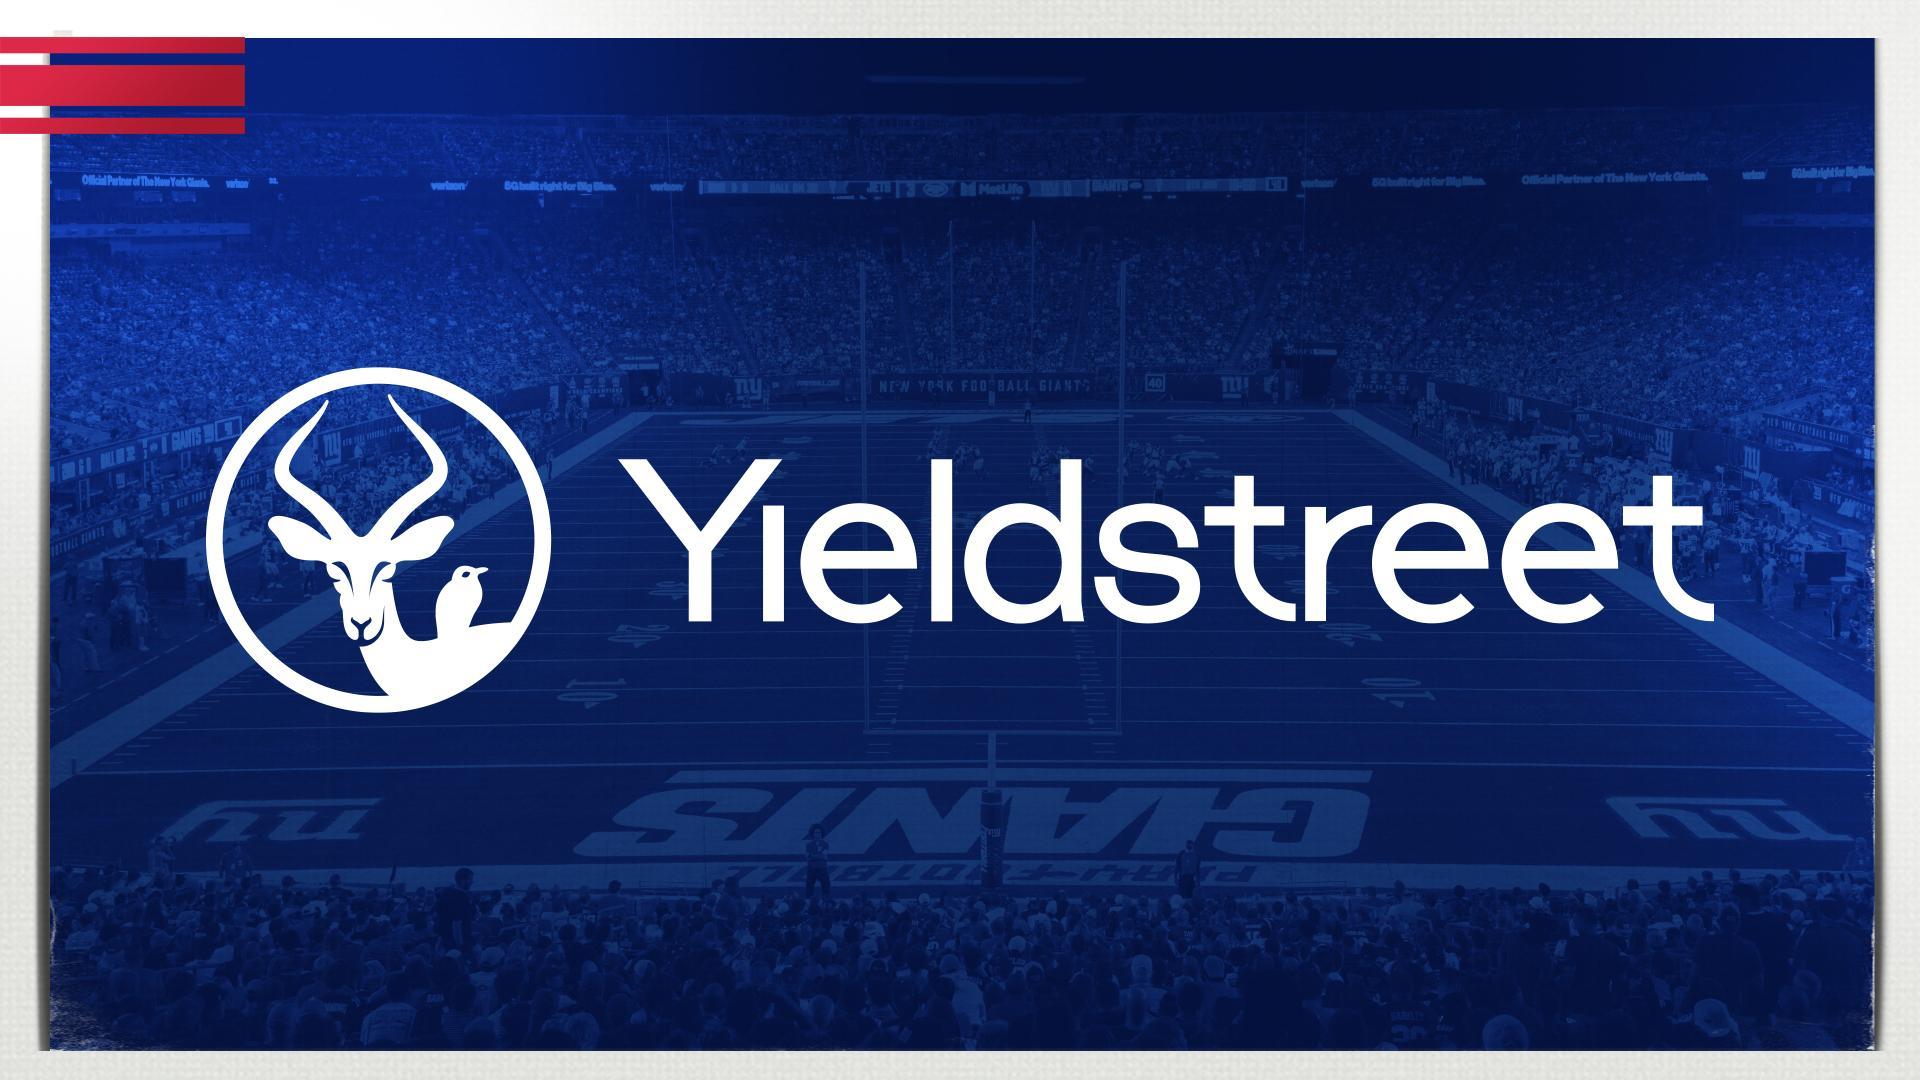 Yieldstreet logo over the Giants field